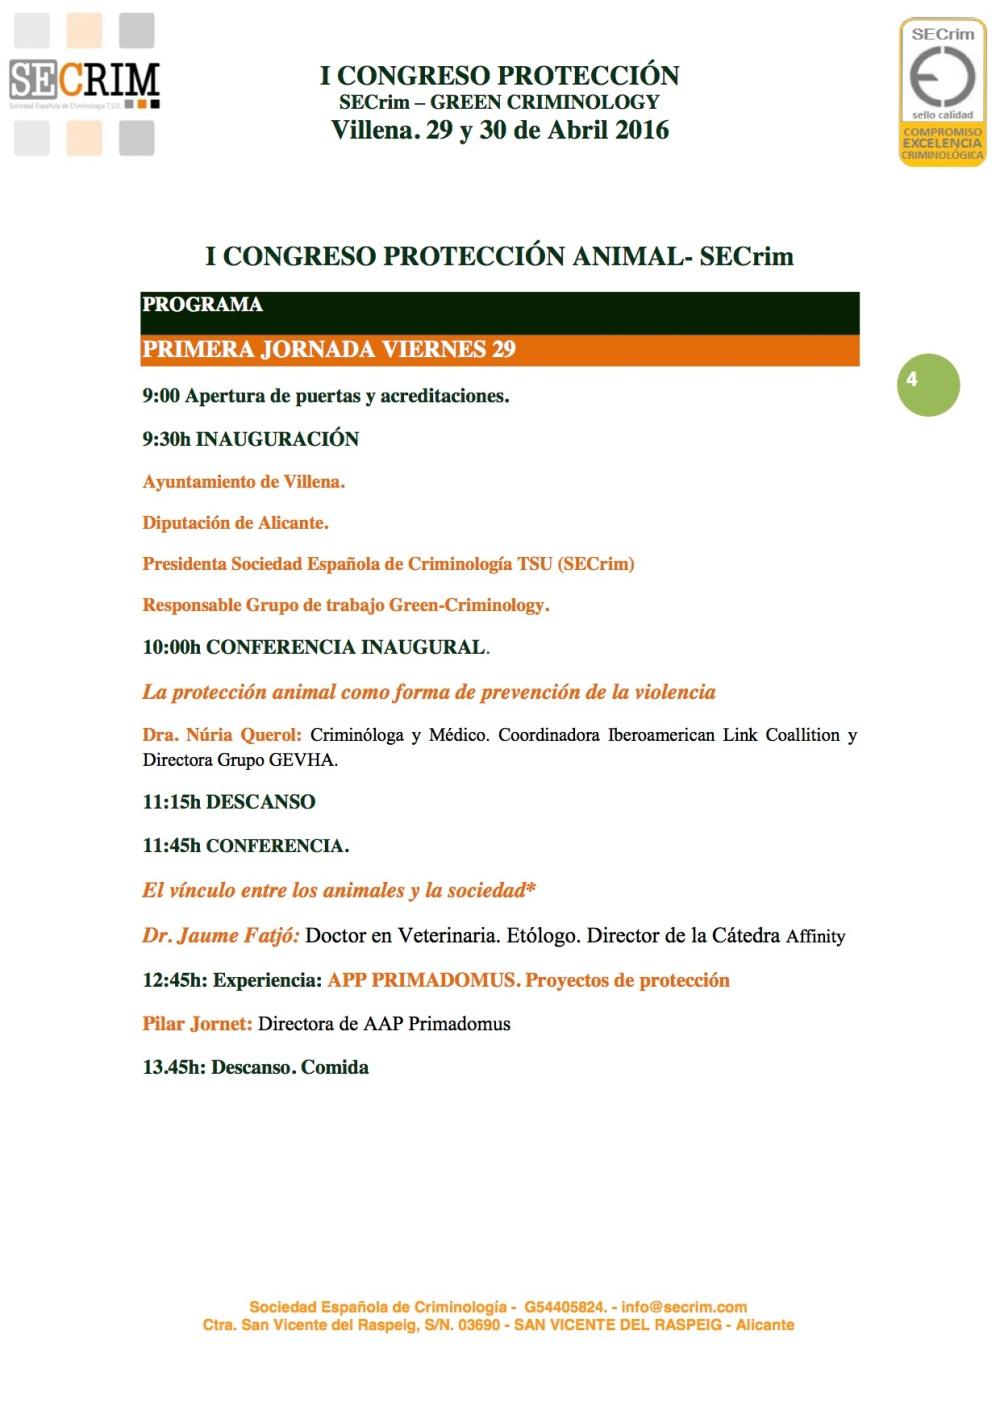 PROGRAMA-4CIRCULAR PROTECCIÓN ANIMAL